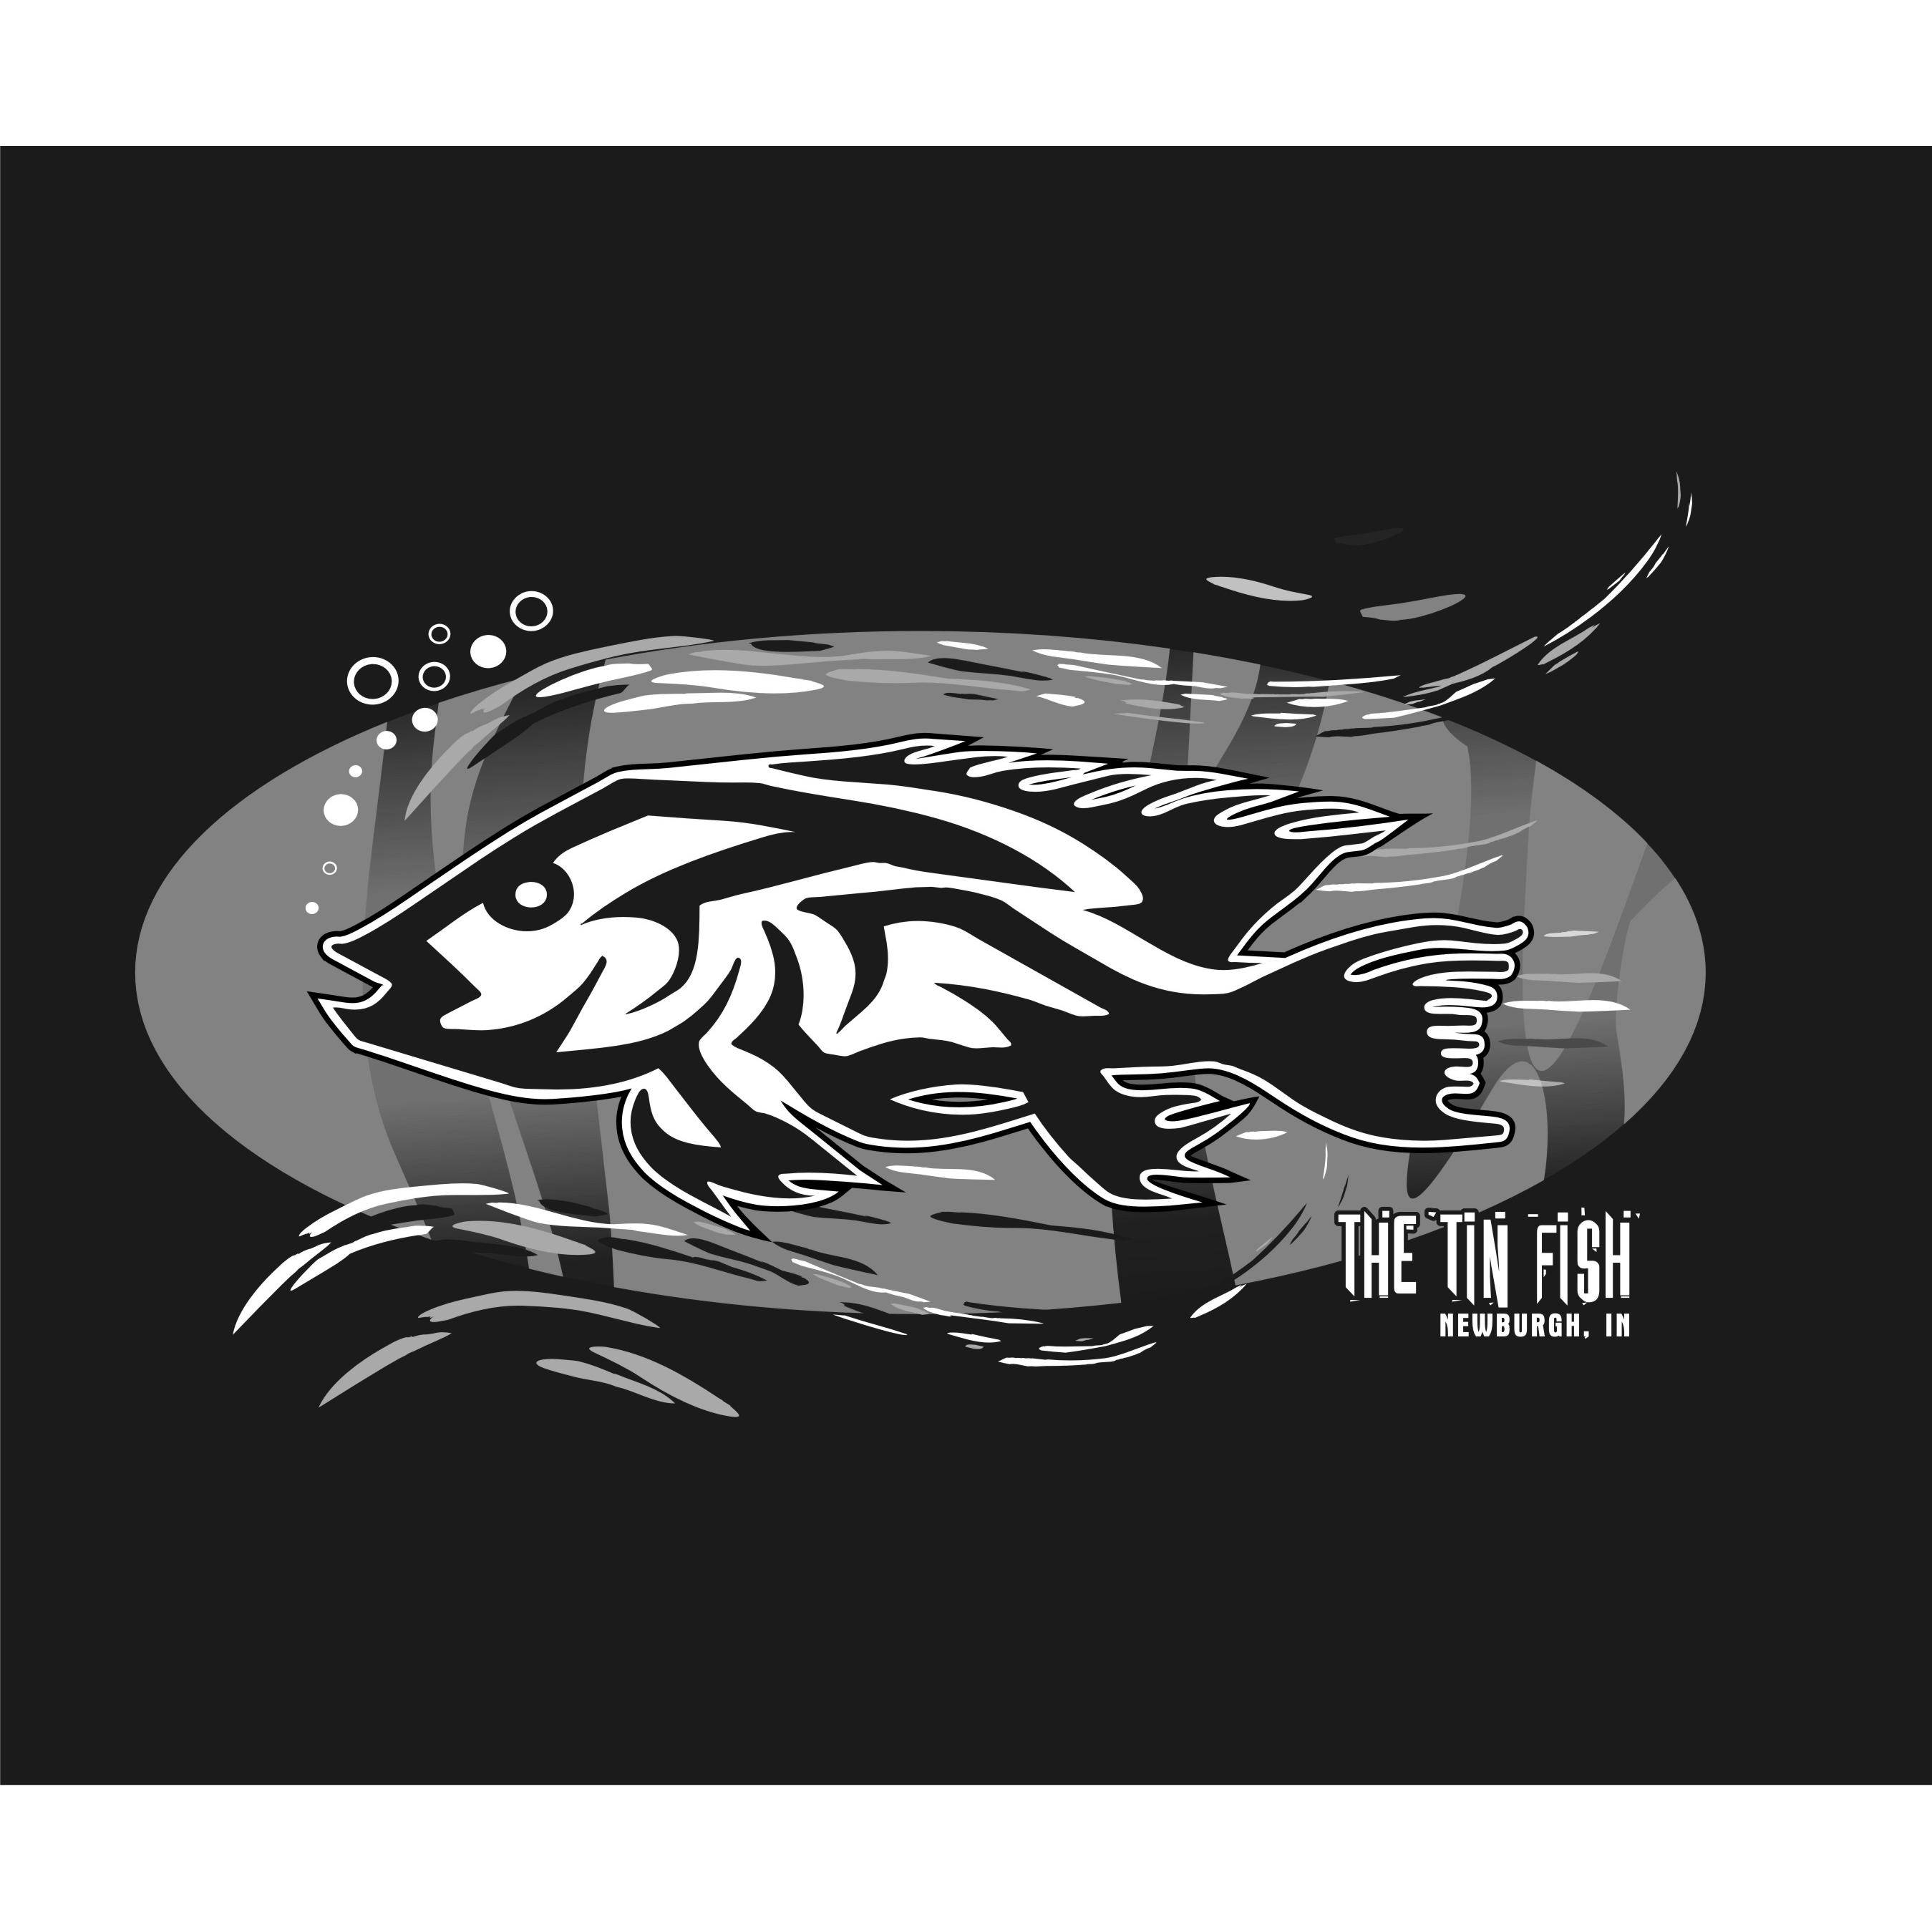 Tin Fish Newburgh image 6